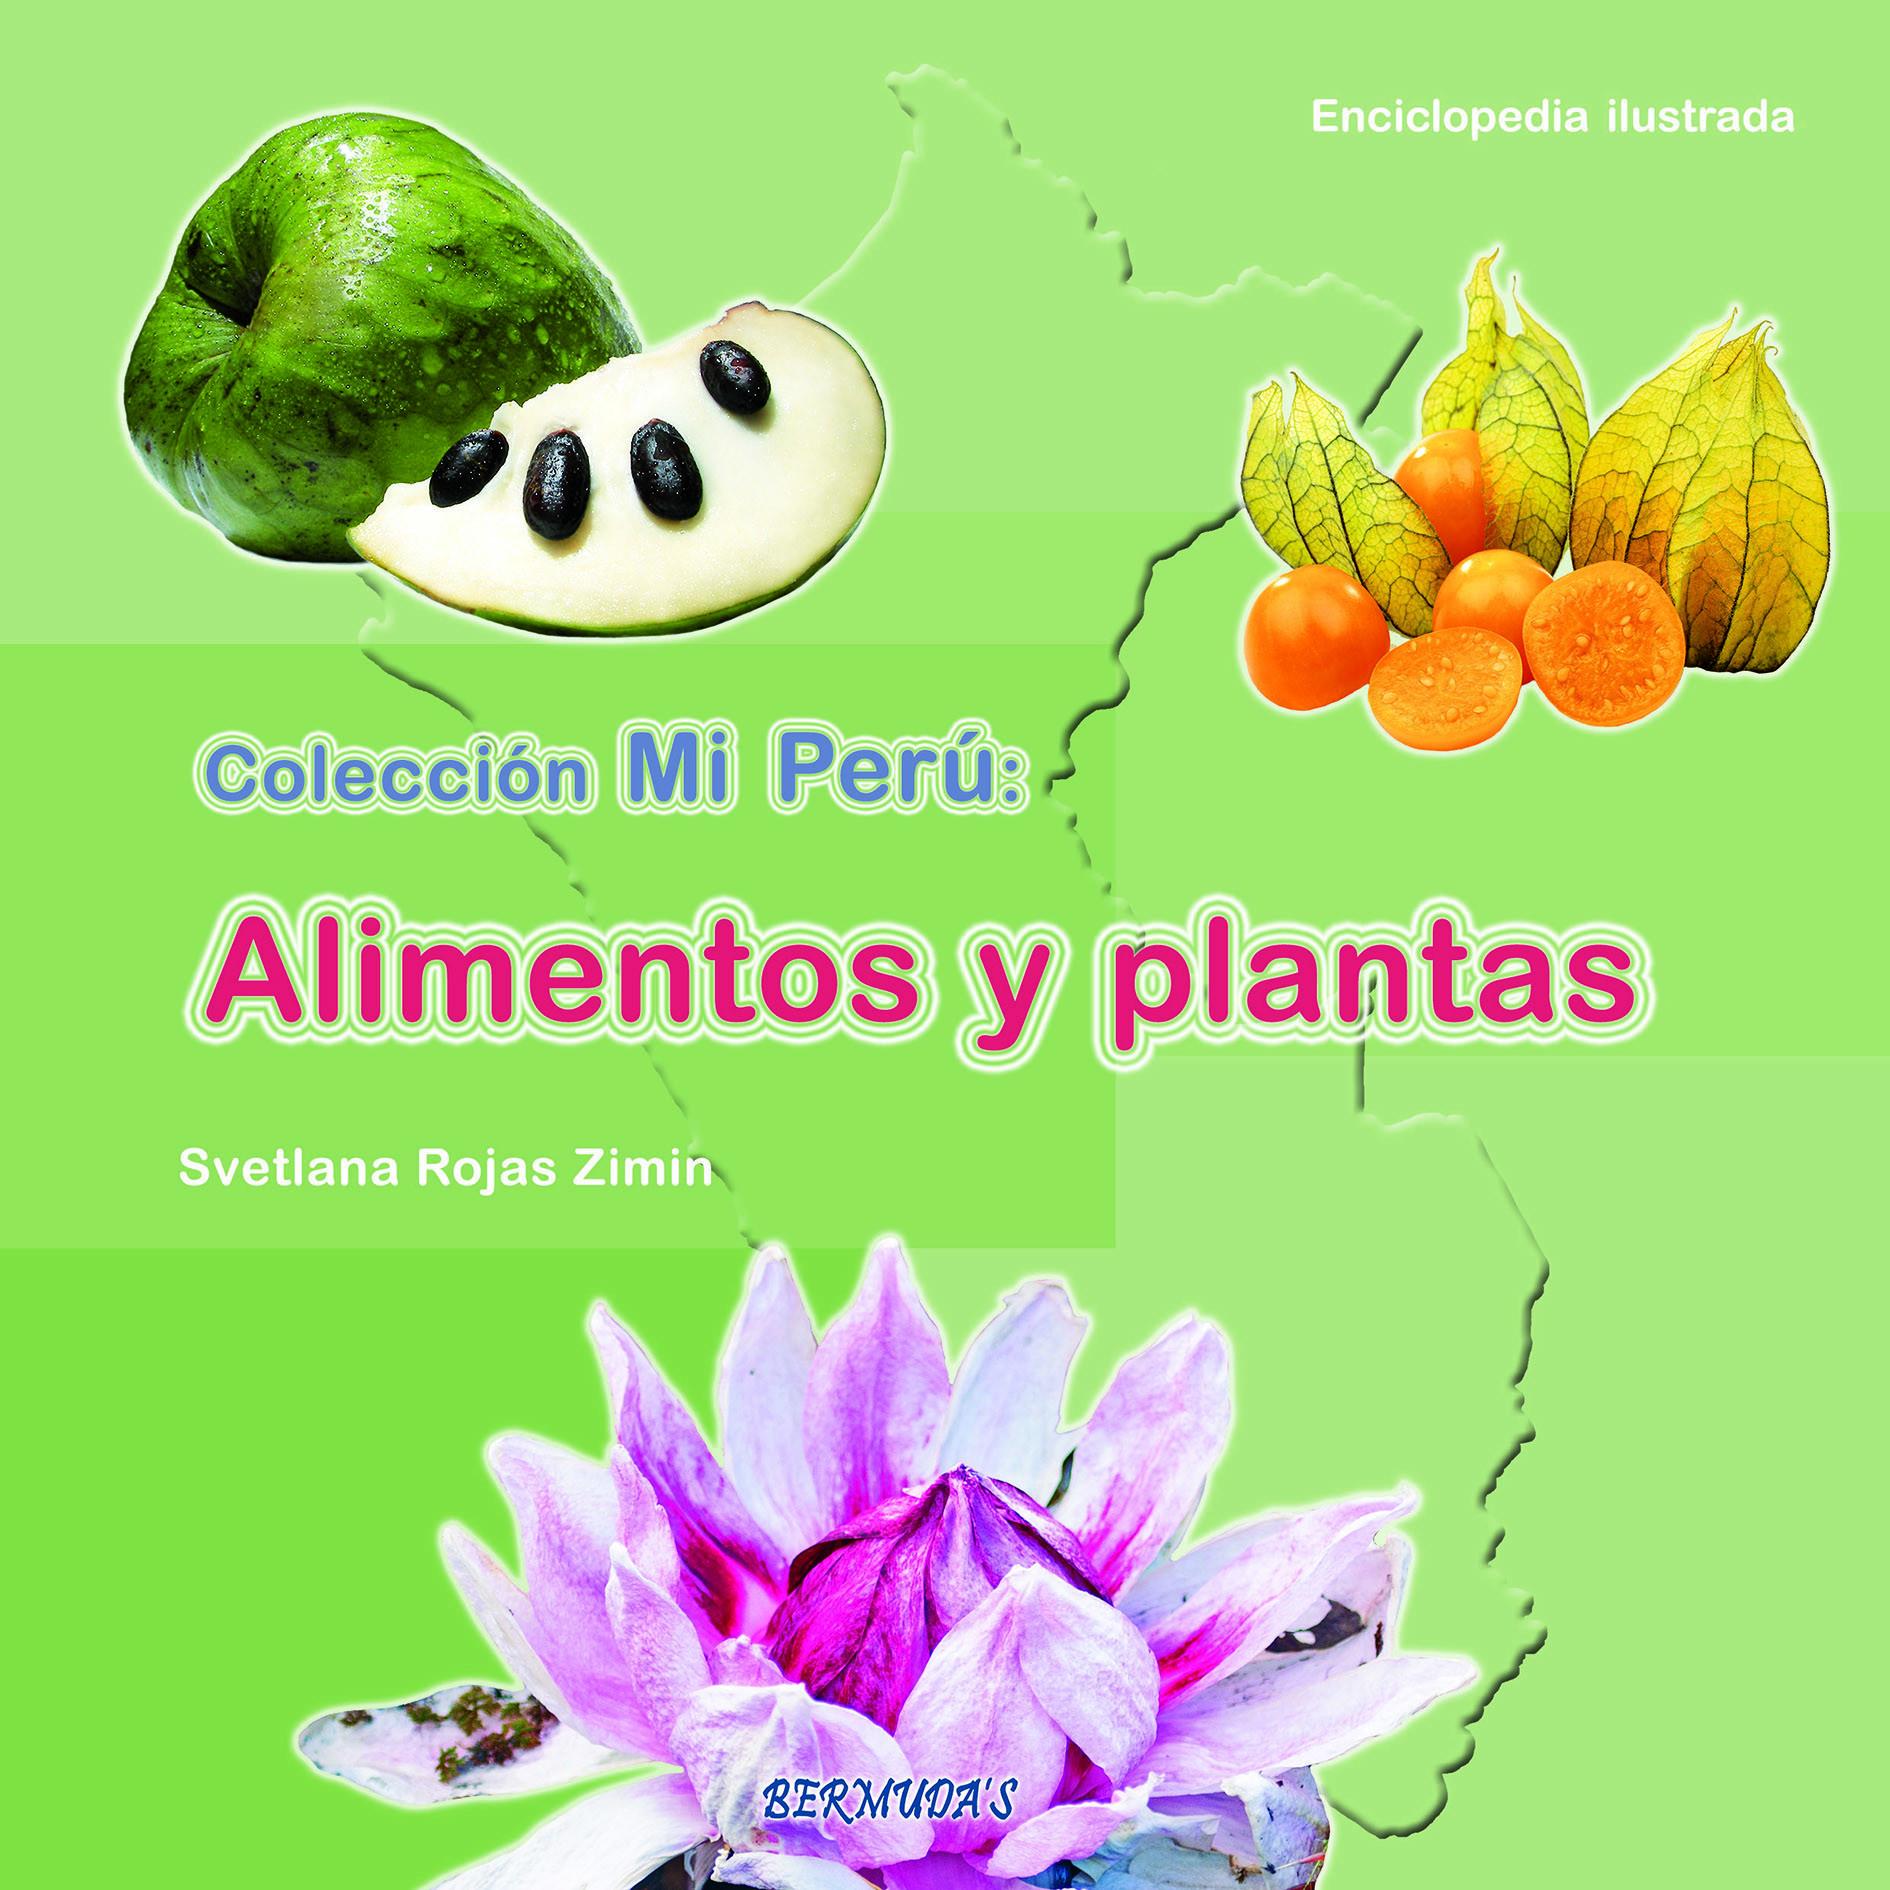 Mi Perú: Alimentos y plantas